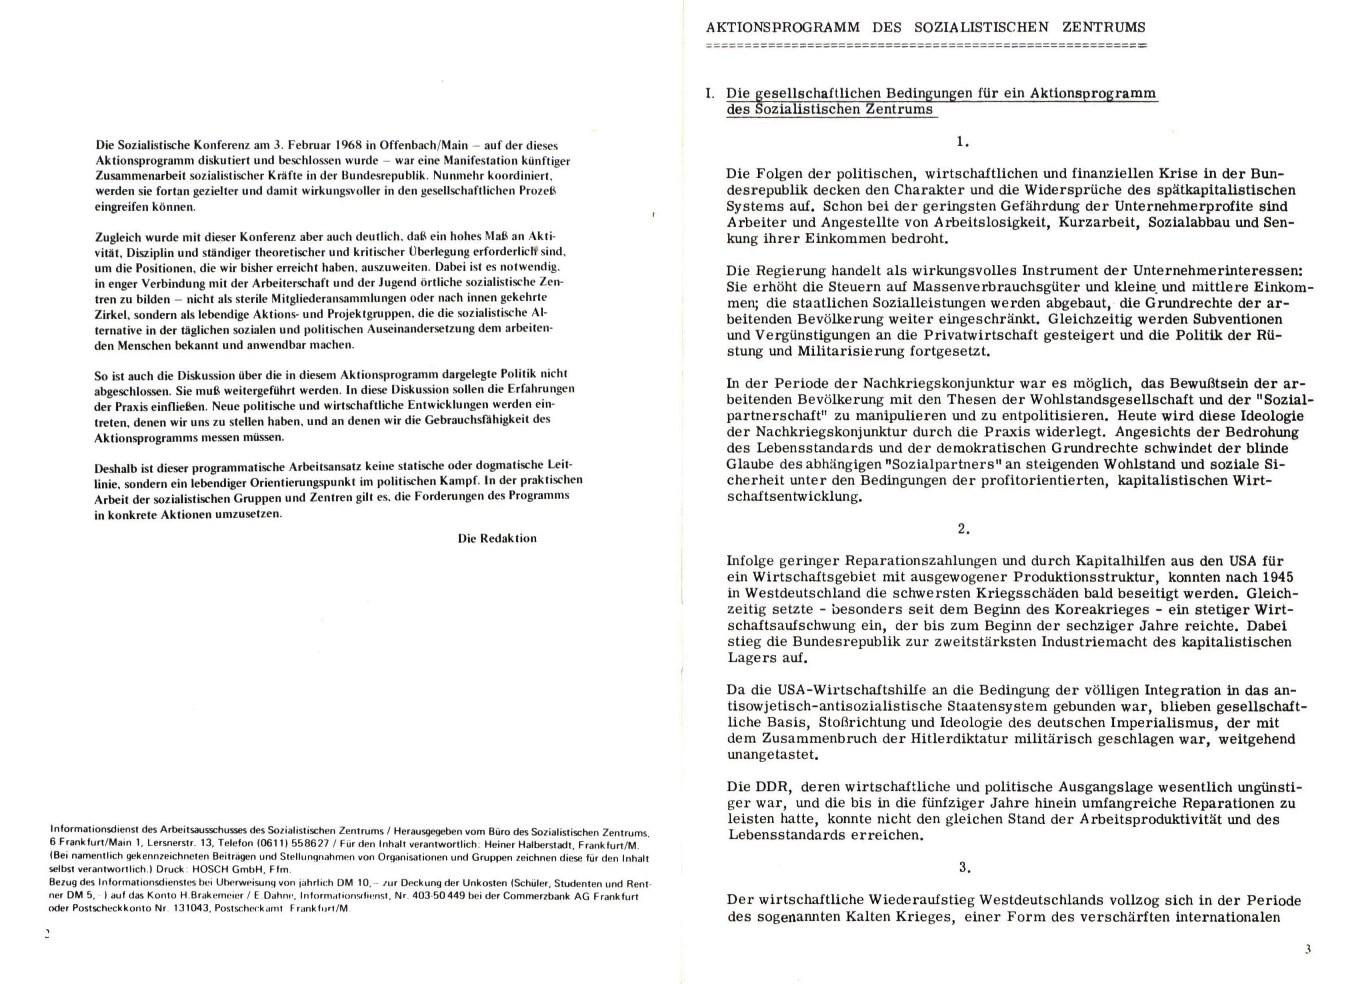 Sozialistisches_Zentrum_1968_Aktionsprogramm_02